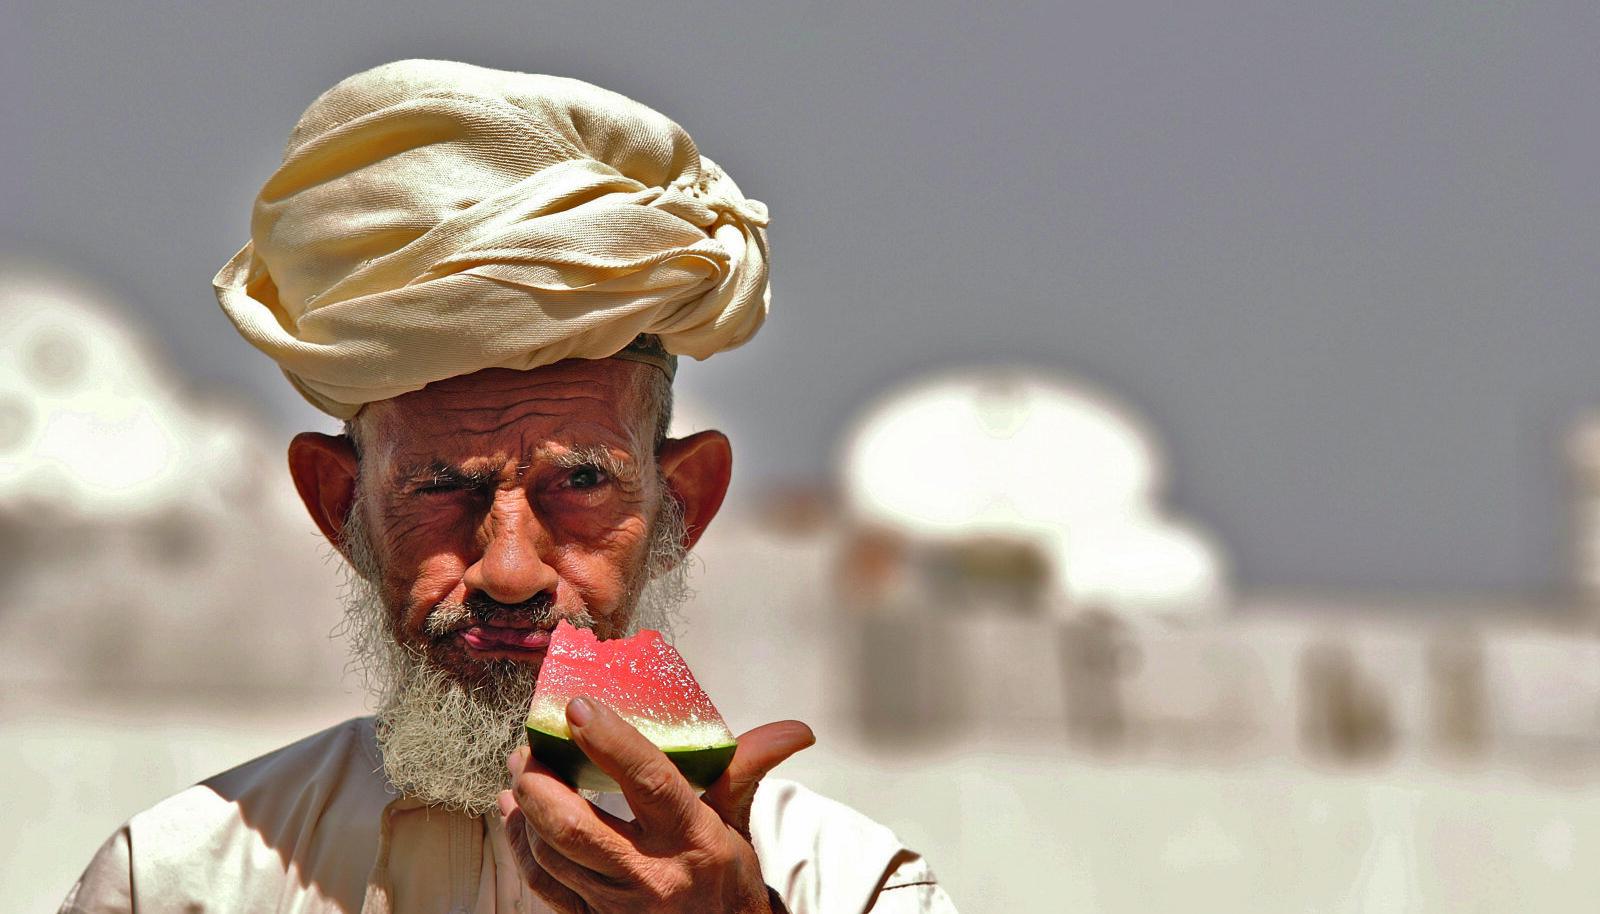 """Tulles riigist, kus vanarahva tarkus ütleb, et: """"Külalistel an- na veega kartulid ja kuparäimi, kae kas veel tuleve"""" jätab Lähis- Ida külalislahkus ja maitserik- kus paratamatult sügava mulje."""